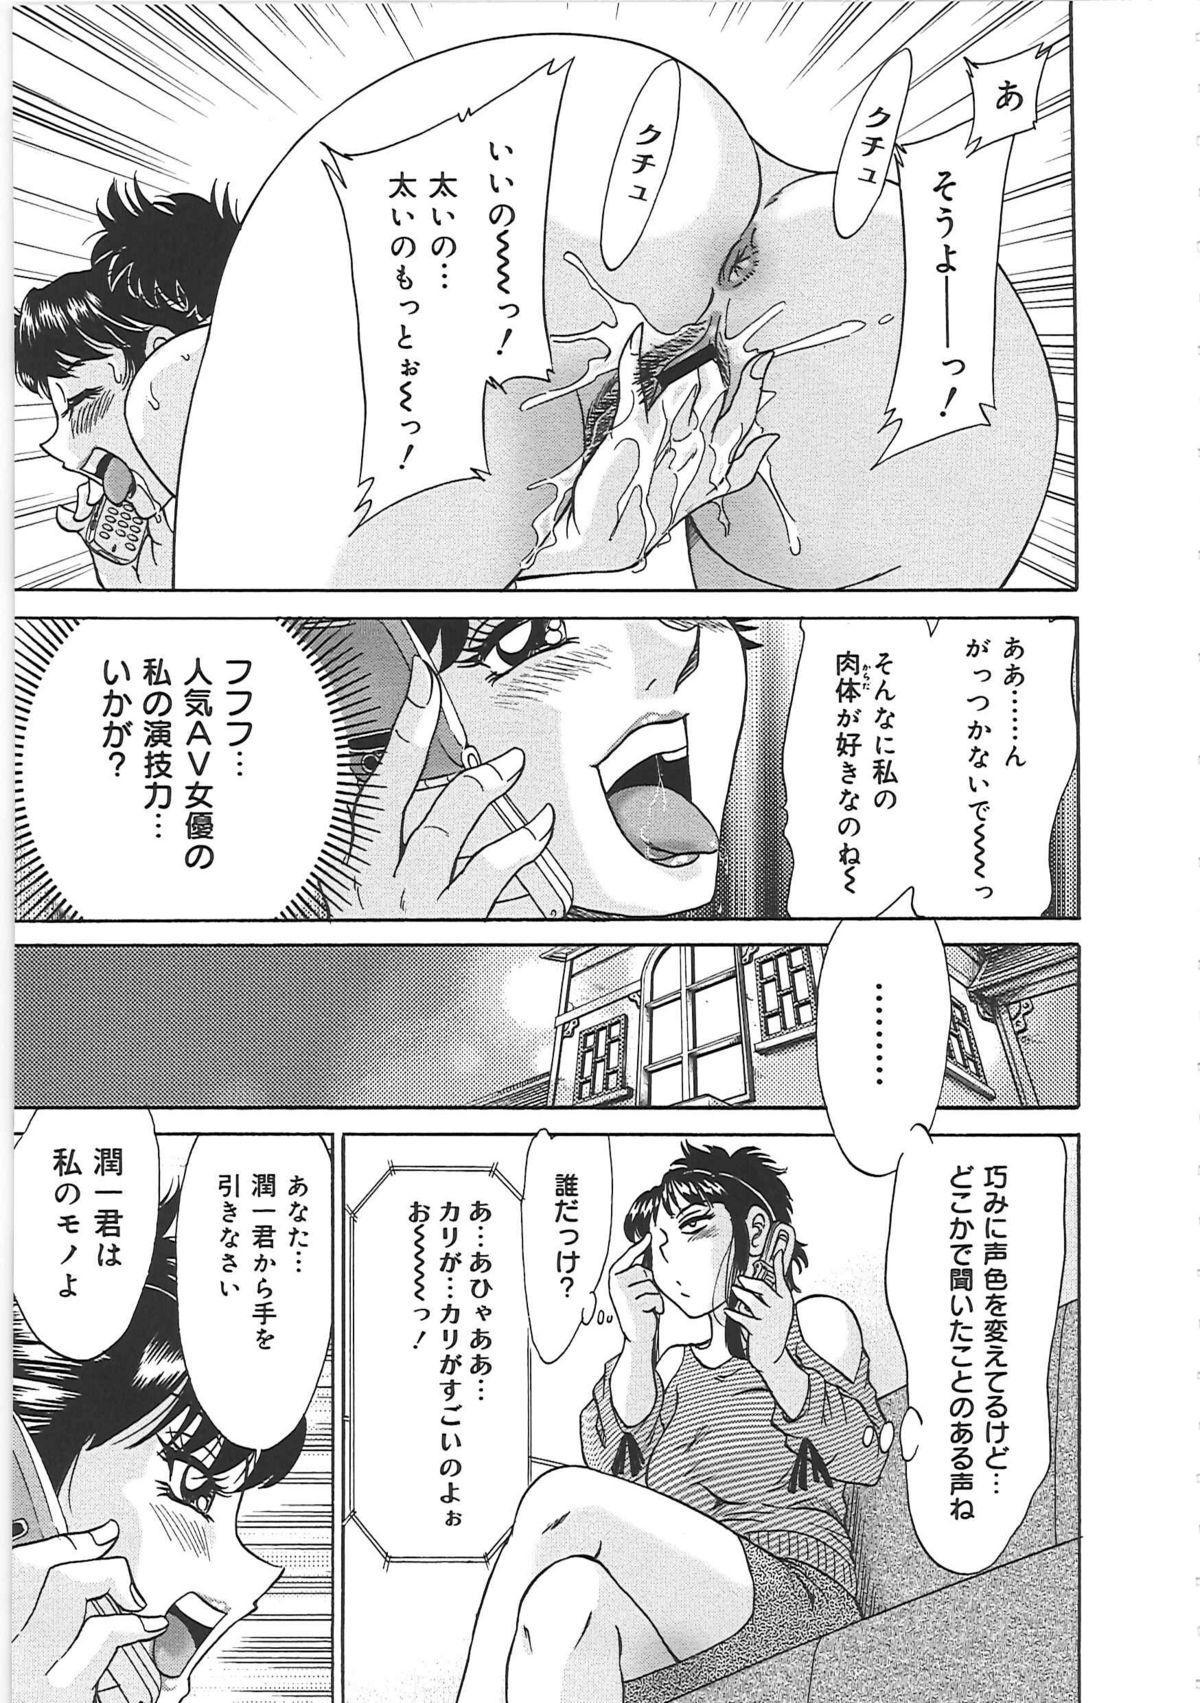 [Chanpon Miyabi] Cho-Onesan Tengoku 6 -Tenrakuhen- 32